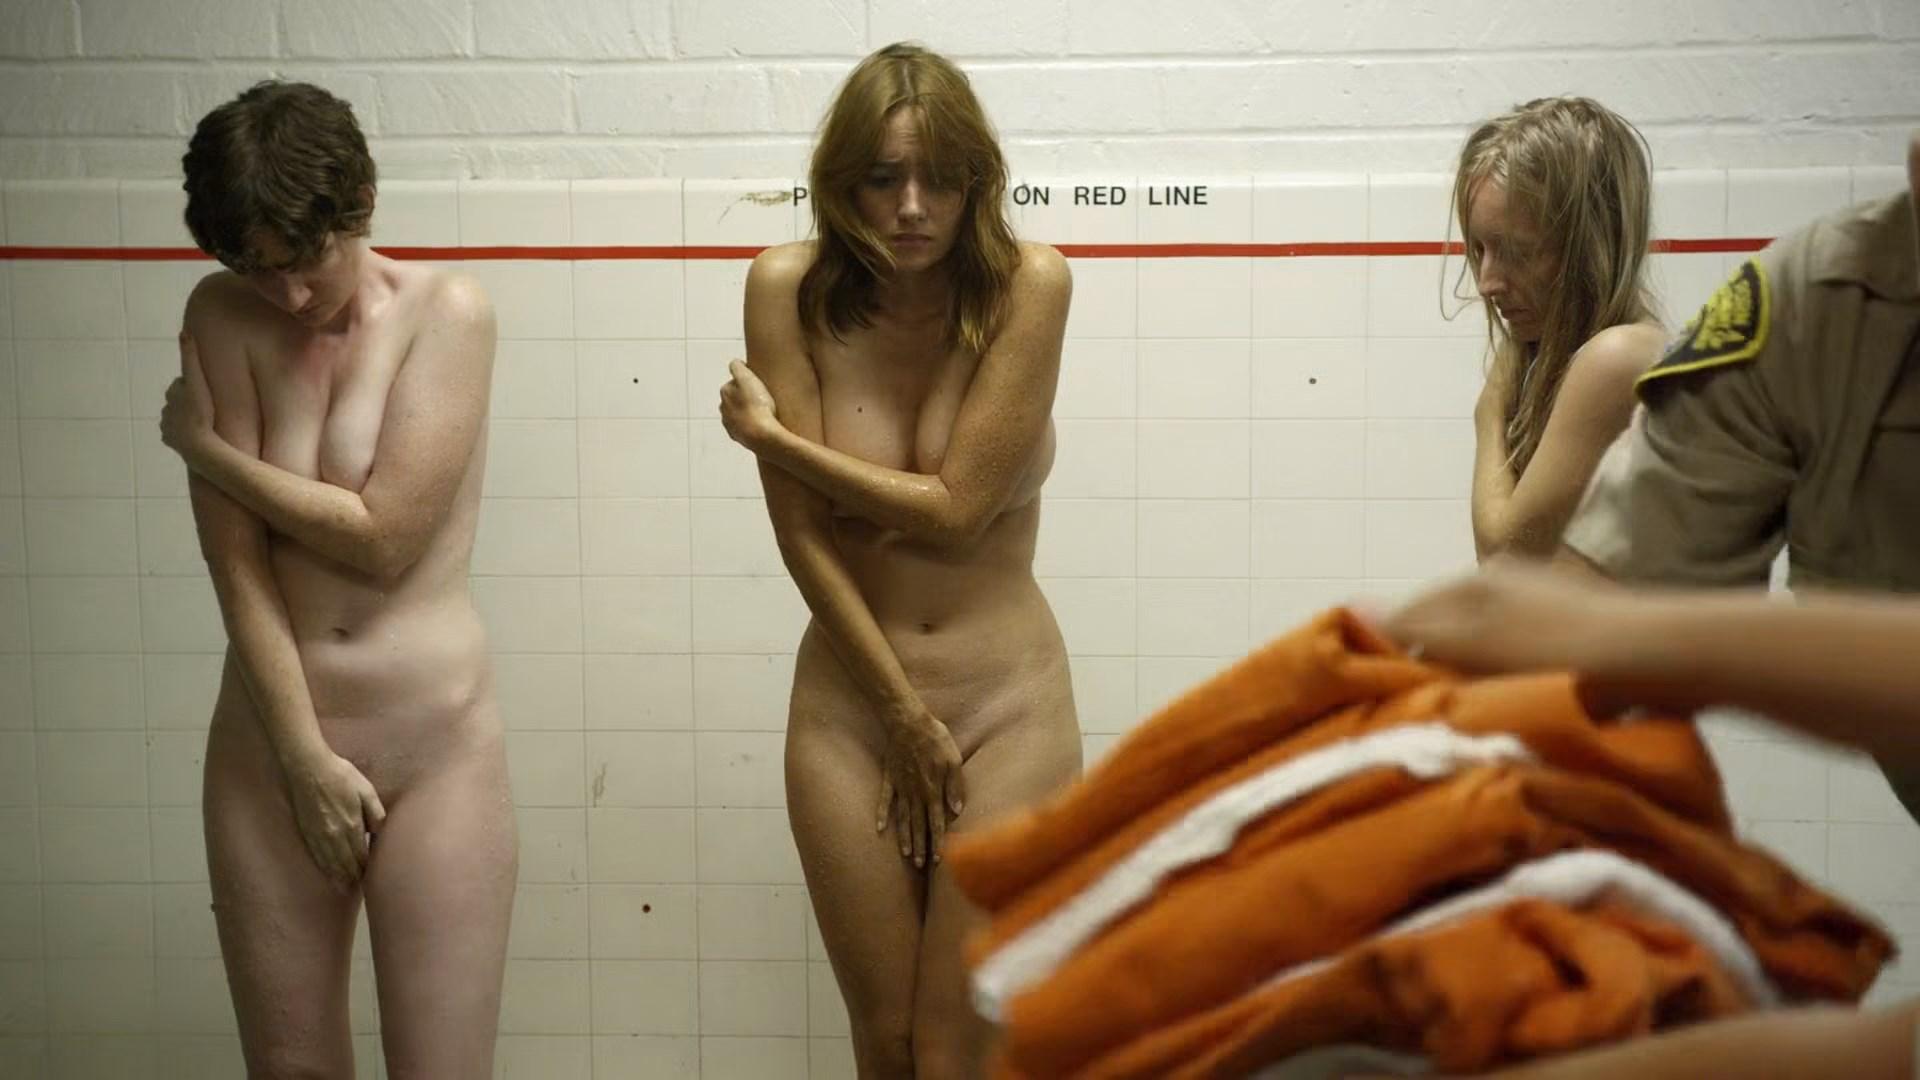 Jailbait (7)